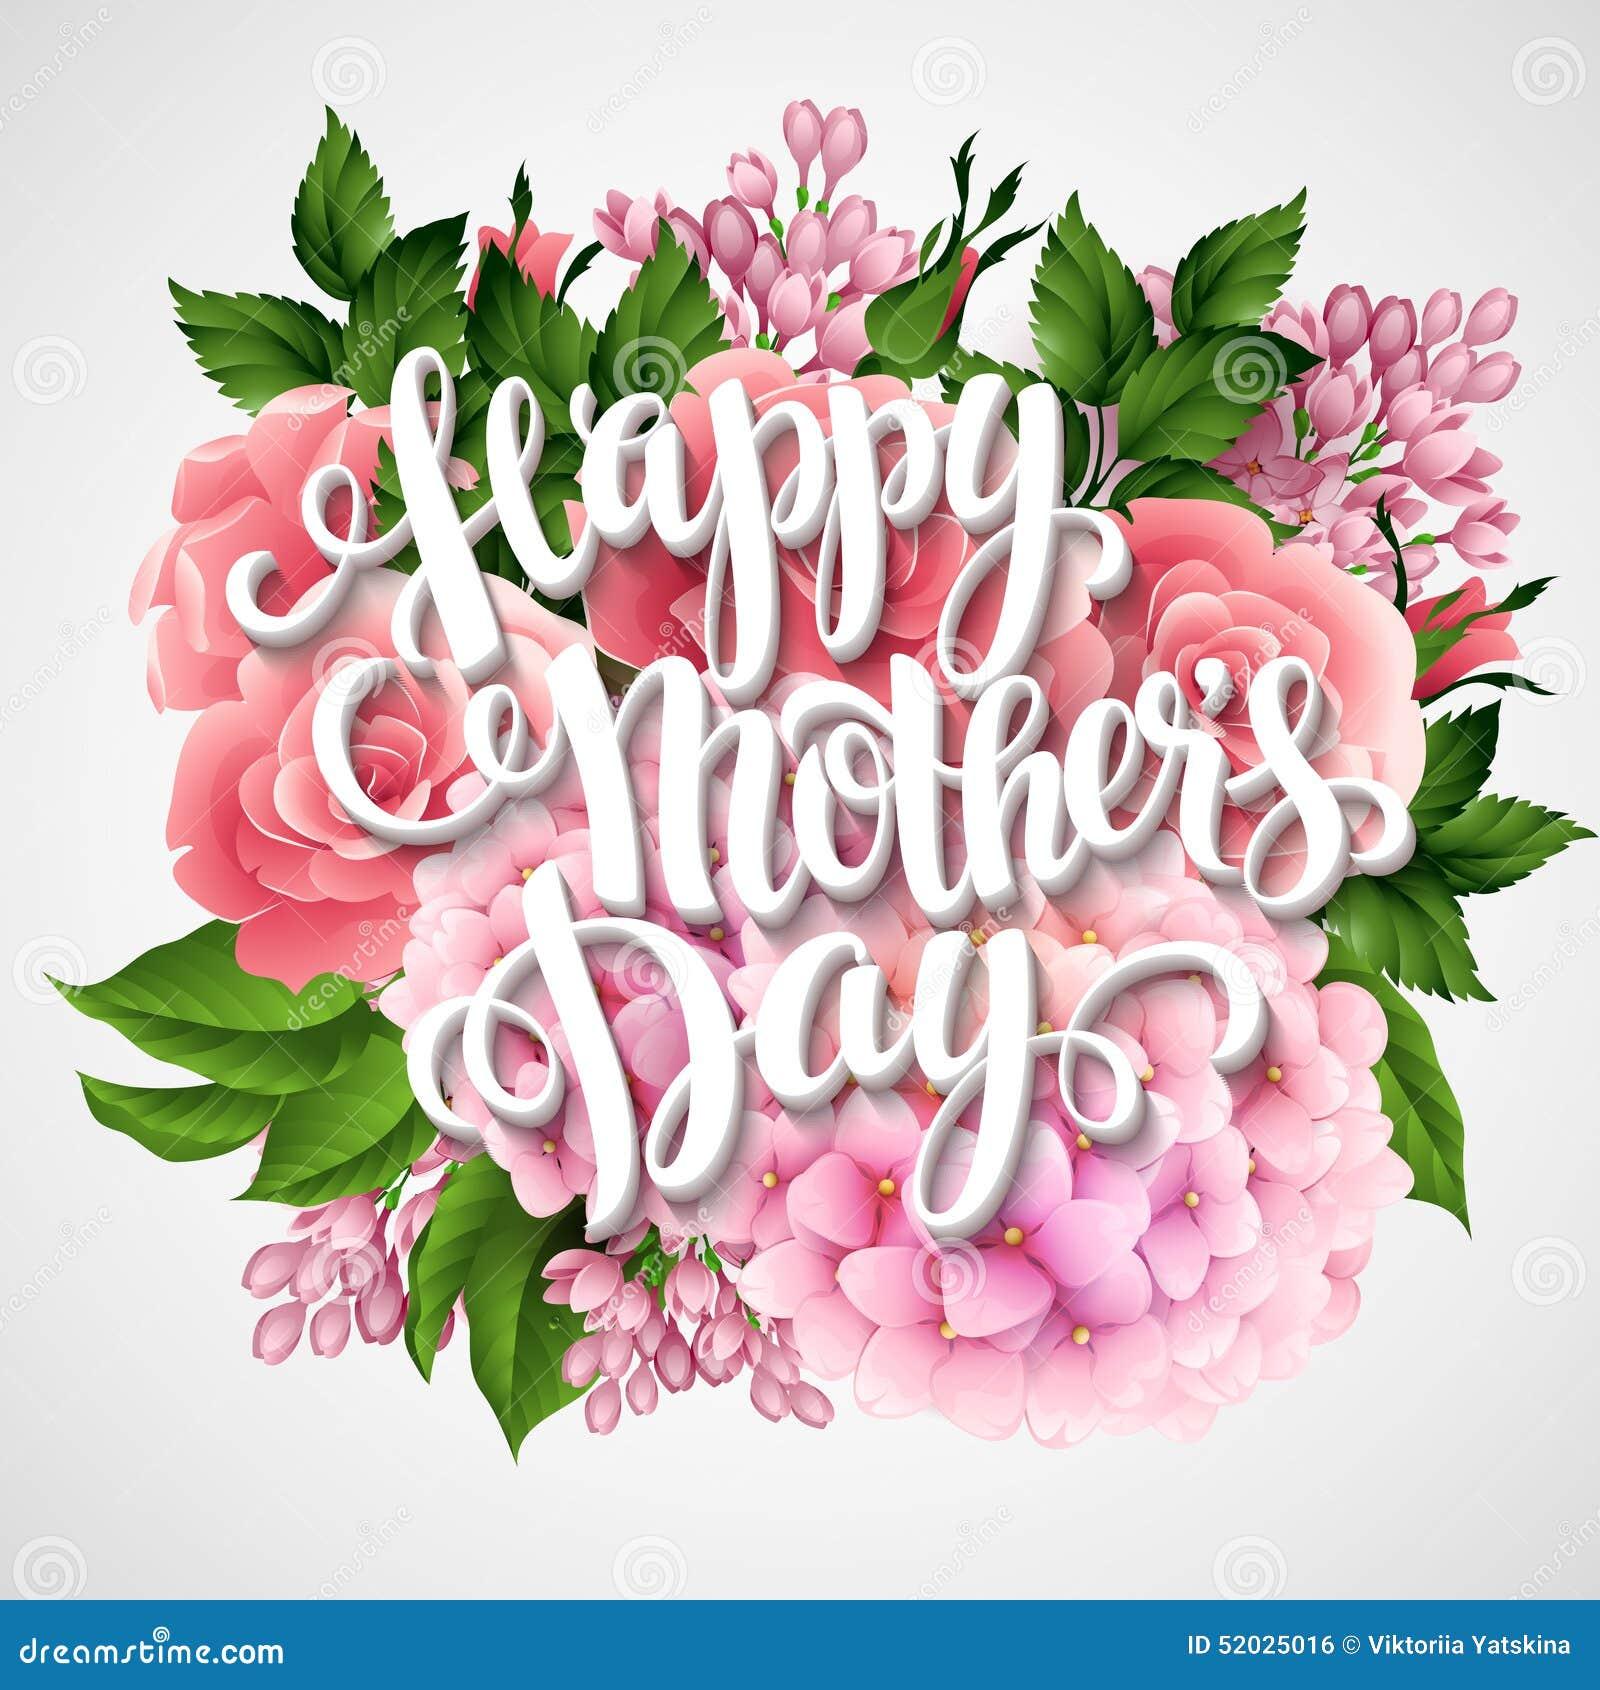 Glücklicher Muttertag Karte Mit Schönen Blumen Vektor Abbildung ...